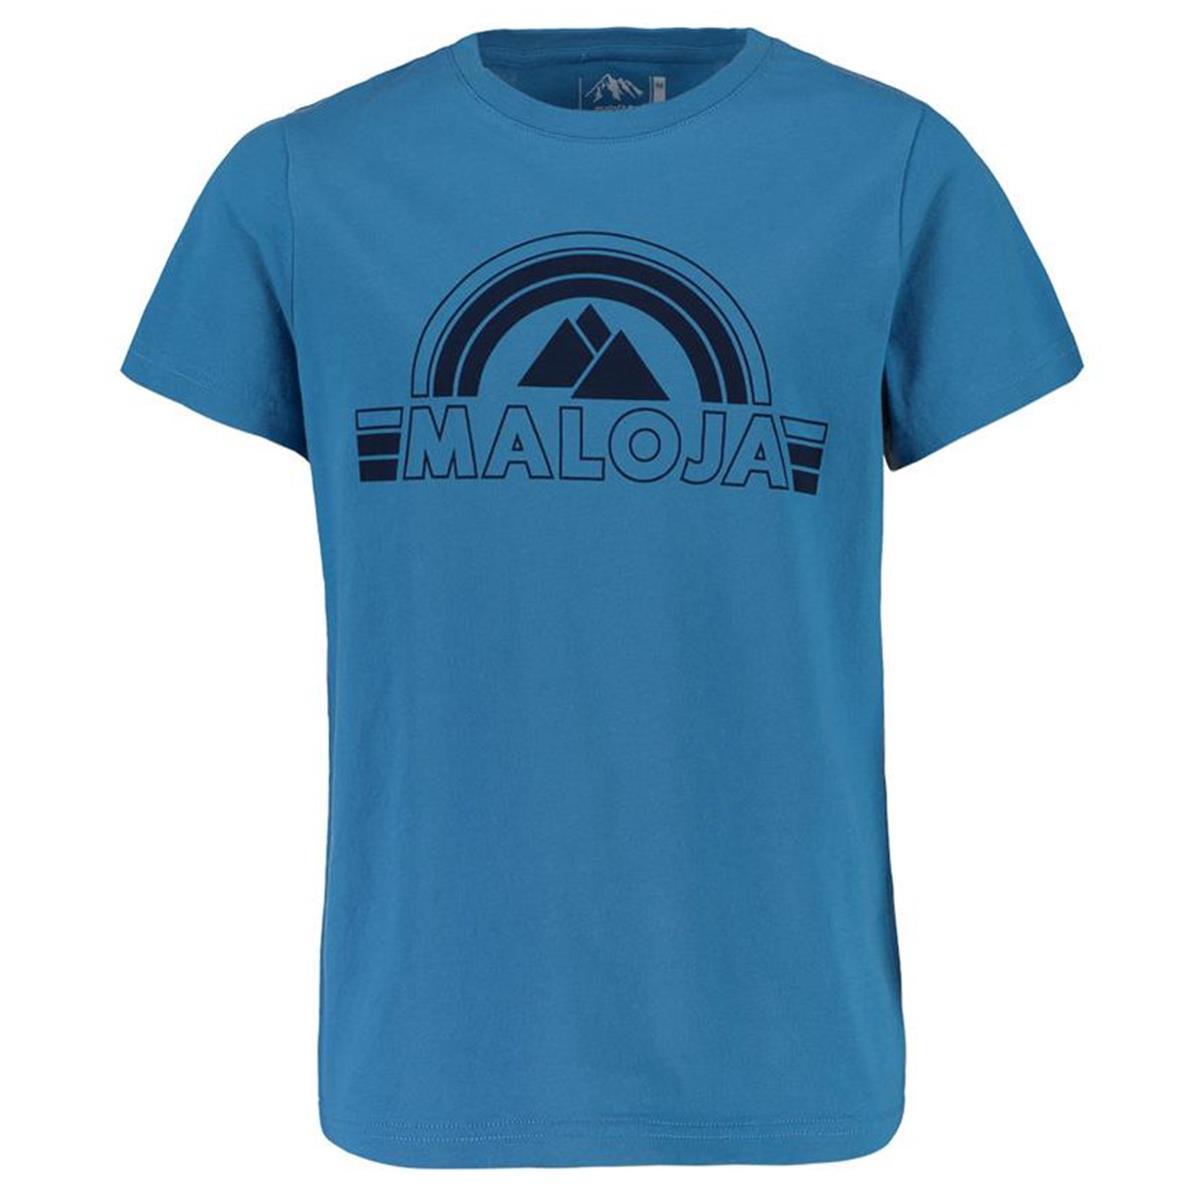 Maloja Kids T-Shirt GustinB. river